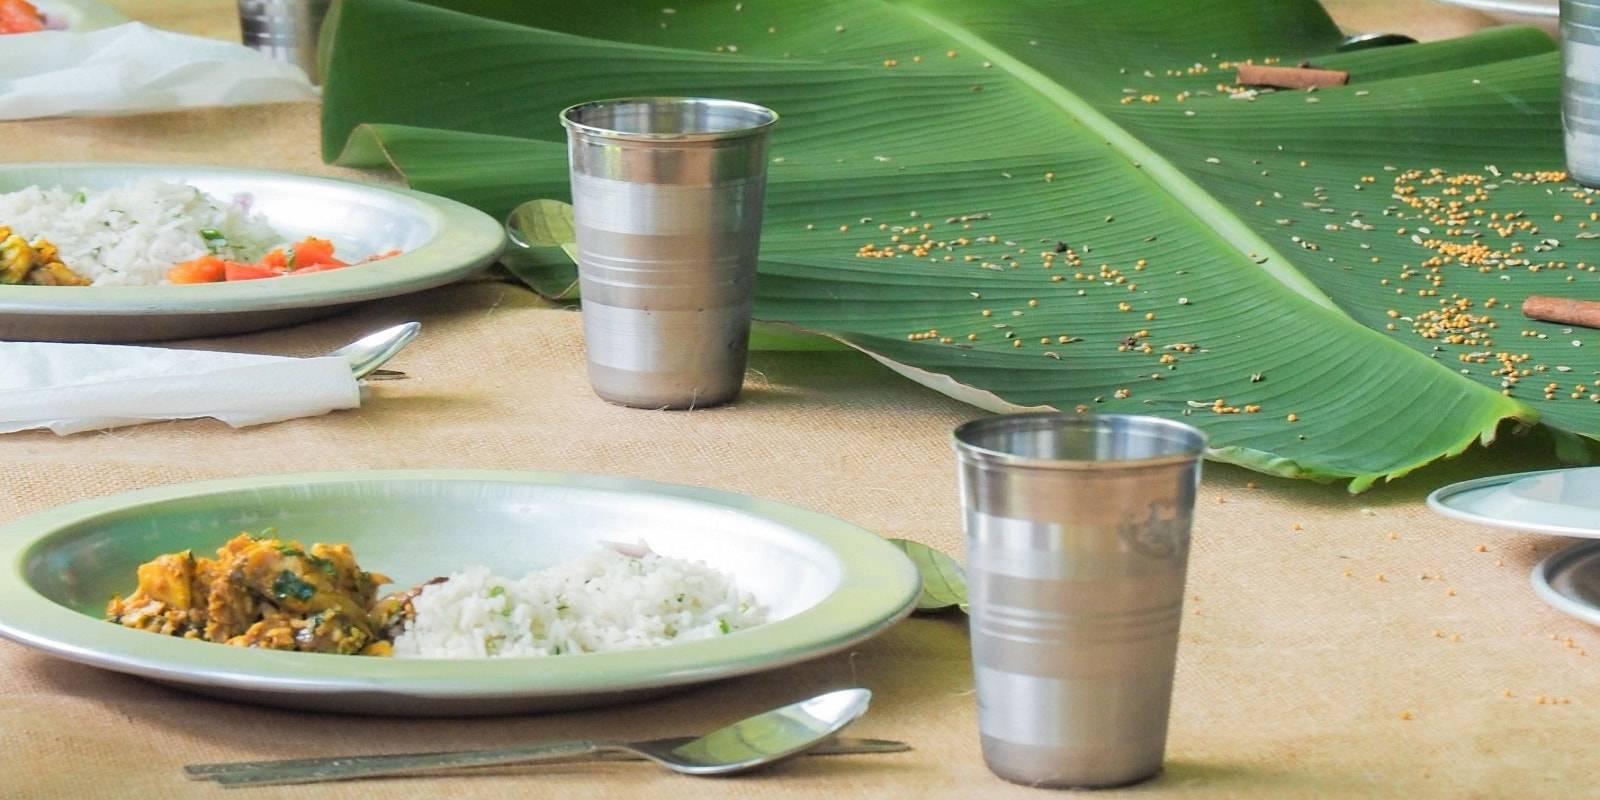 Ki Pou Kwi - Session culinaire au Domaine des Aubineaux